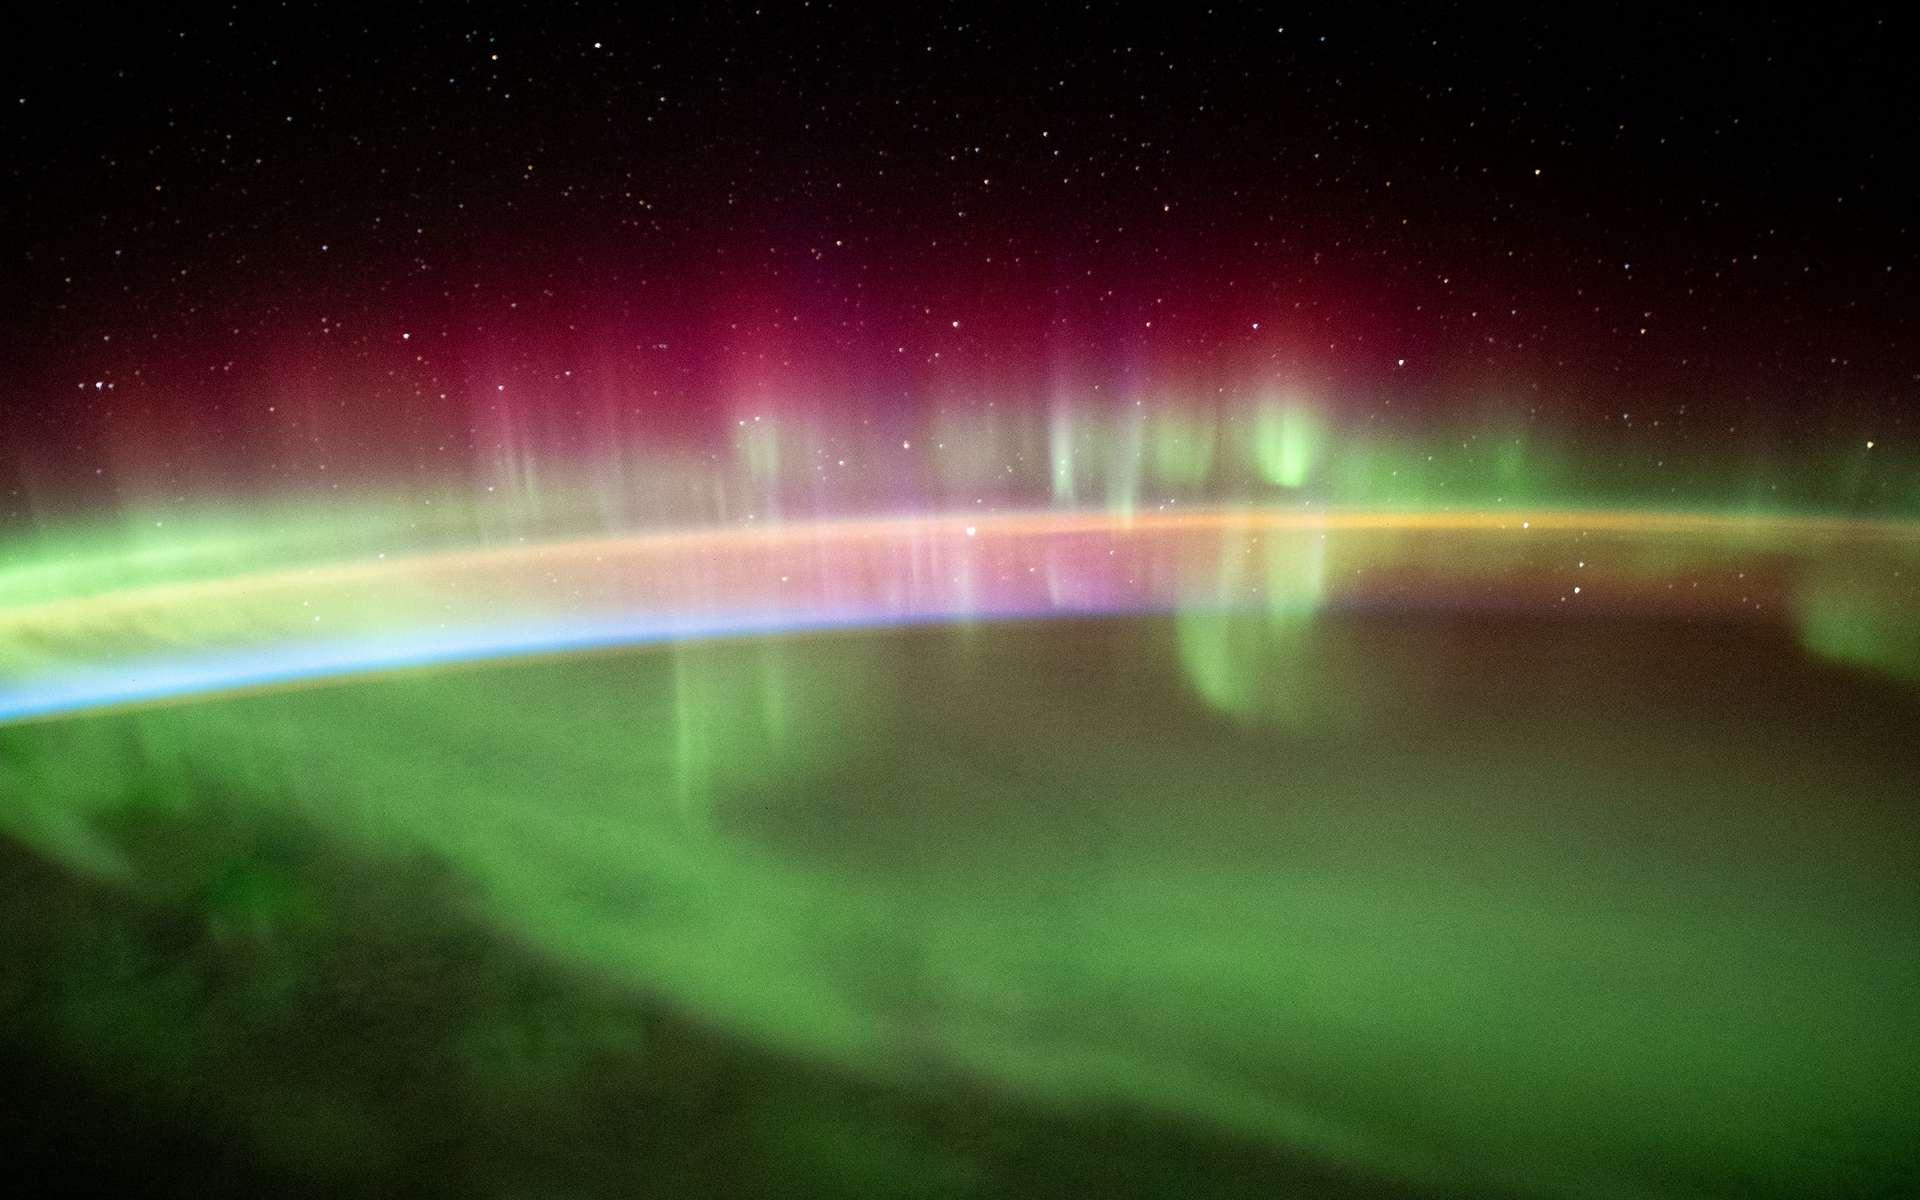 Des chercheurs de l'université de Nagoya (Japon) ont établi un lien entre le phénomène qui se cache derrière certaines aurores polaires et la destruction de la couche d'ozone mésosphérique. Photo : aurore australe photographiée de la Station spatiale internationale en août 2021. © Nasa